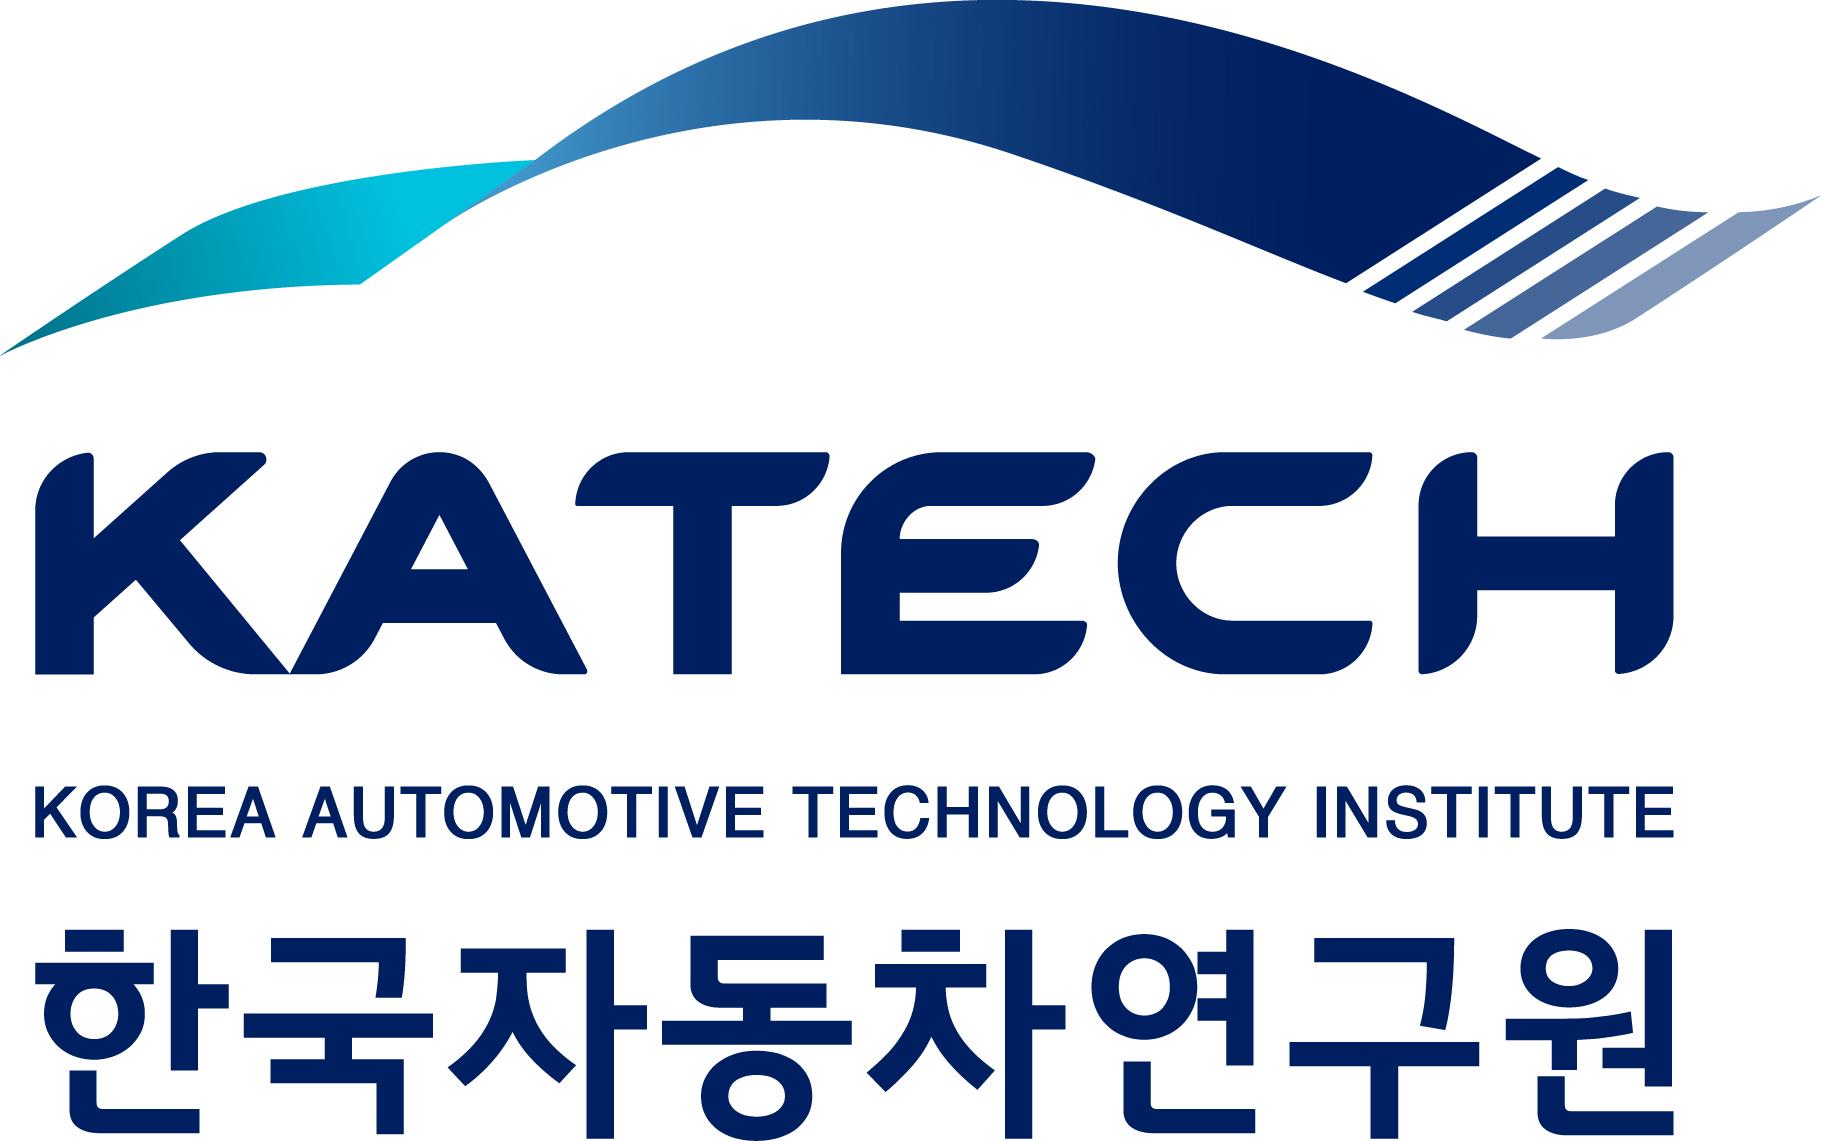 한국자동차연구원의 기업로고